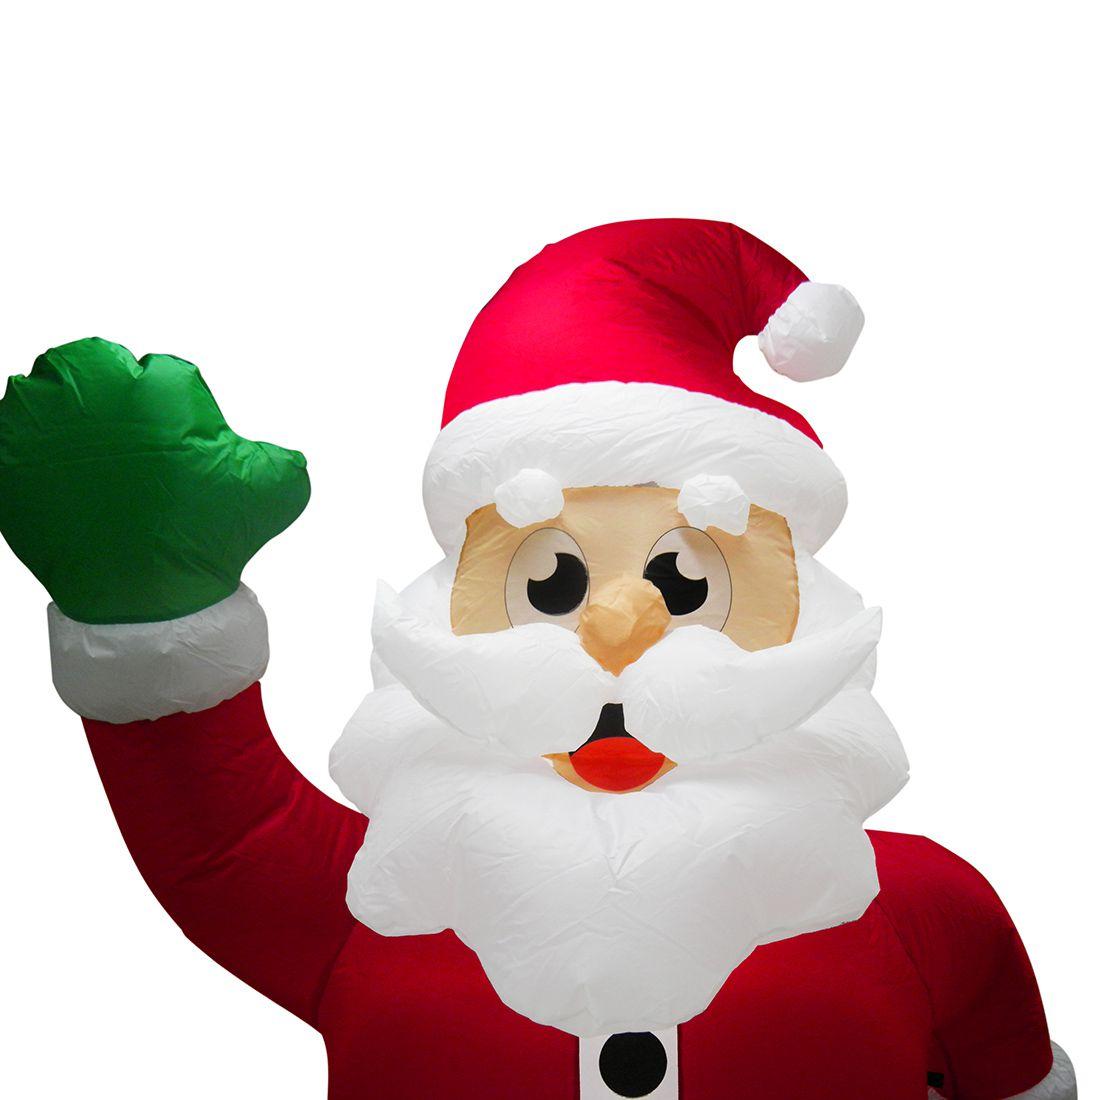 Papai Noel Gigante Inflavel Natal Presente e Urso Decoracao Natalina 2 metro e 40cm